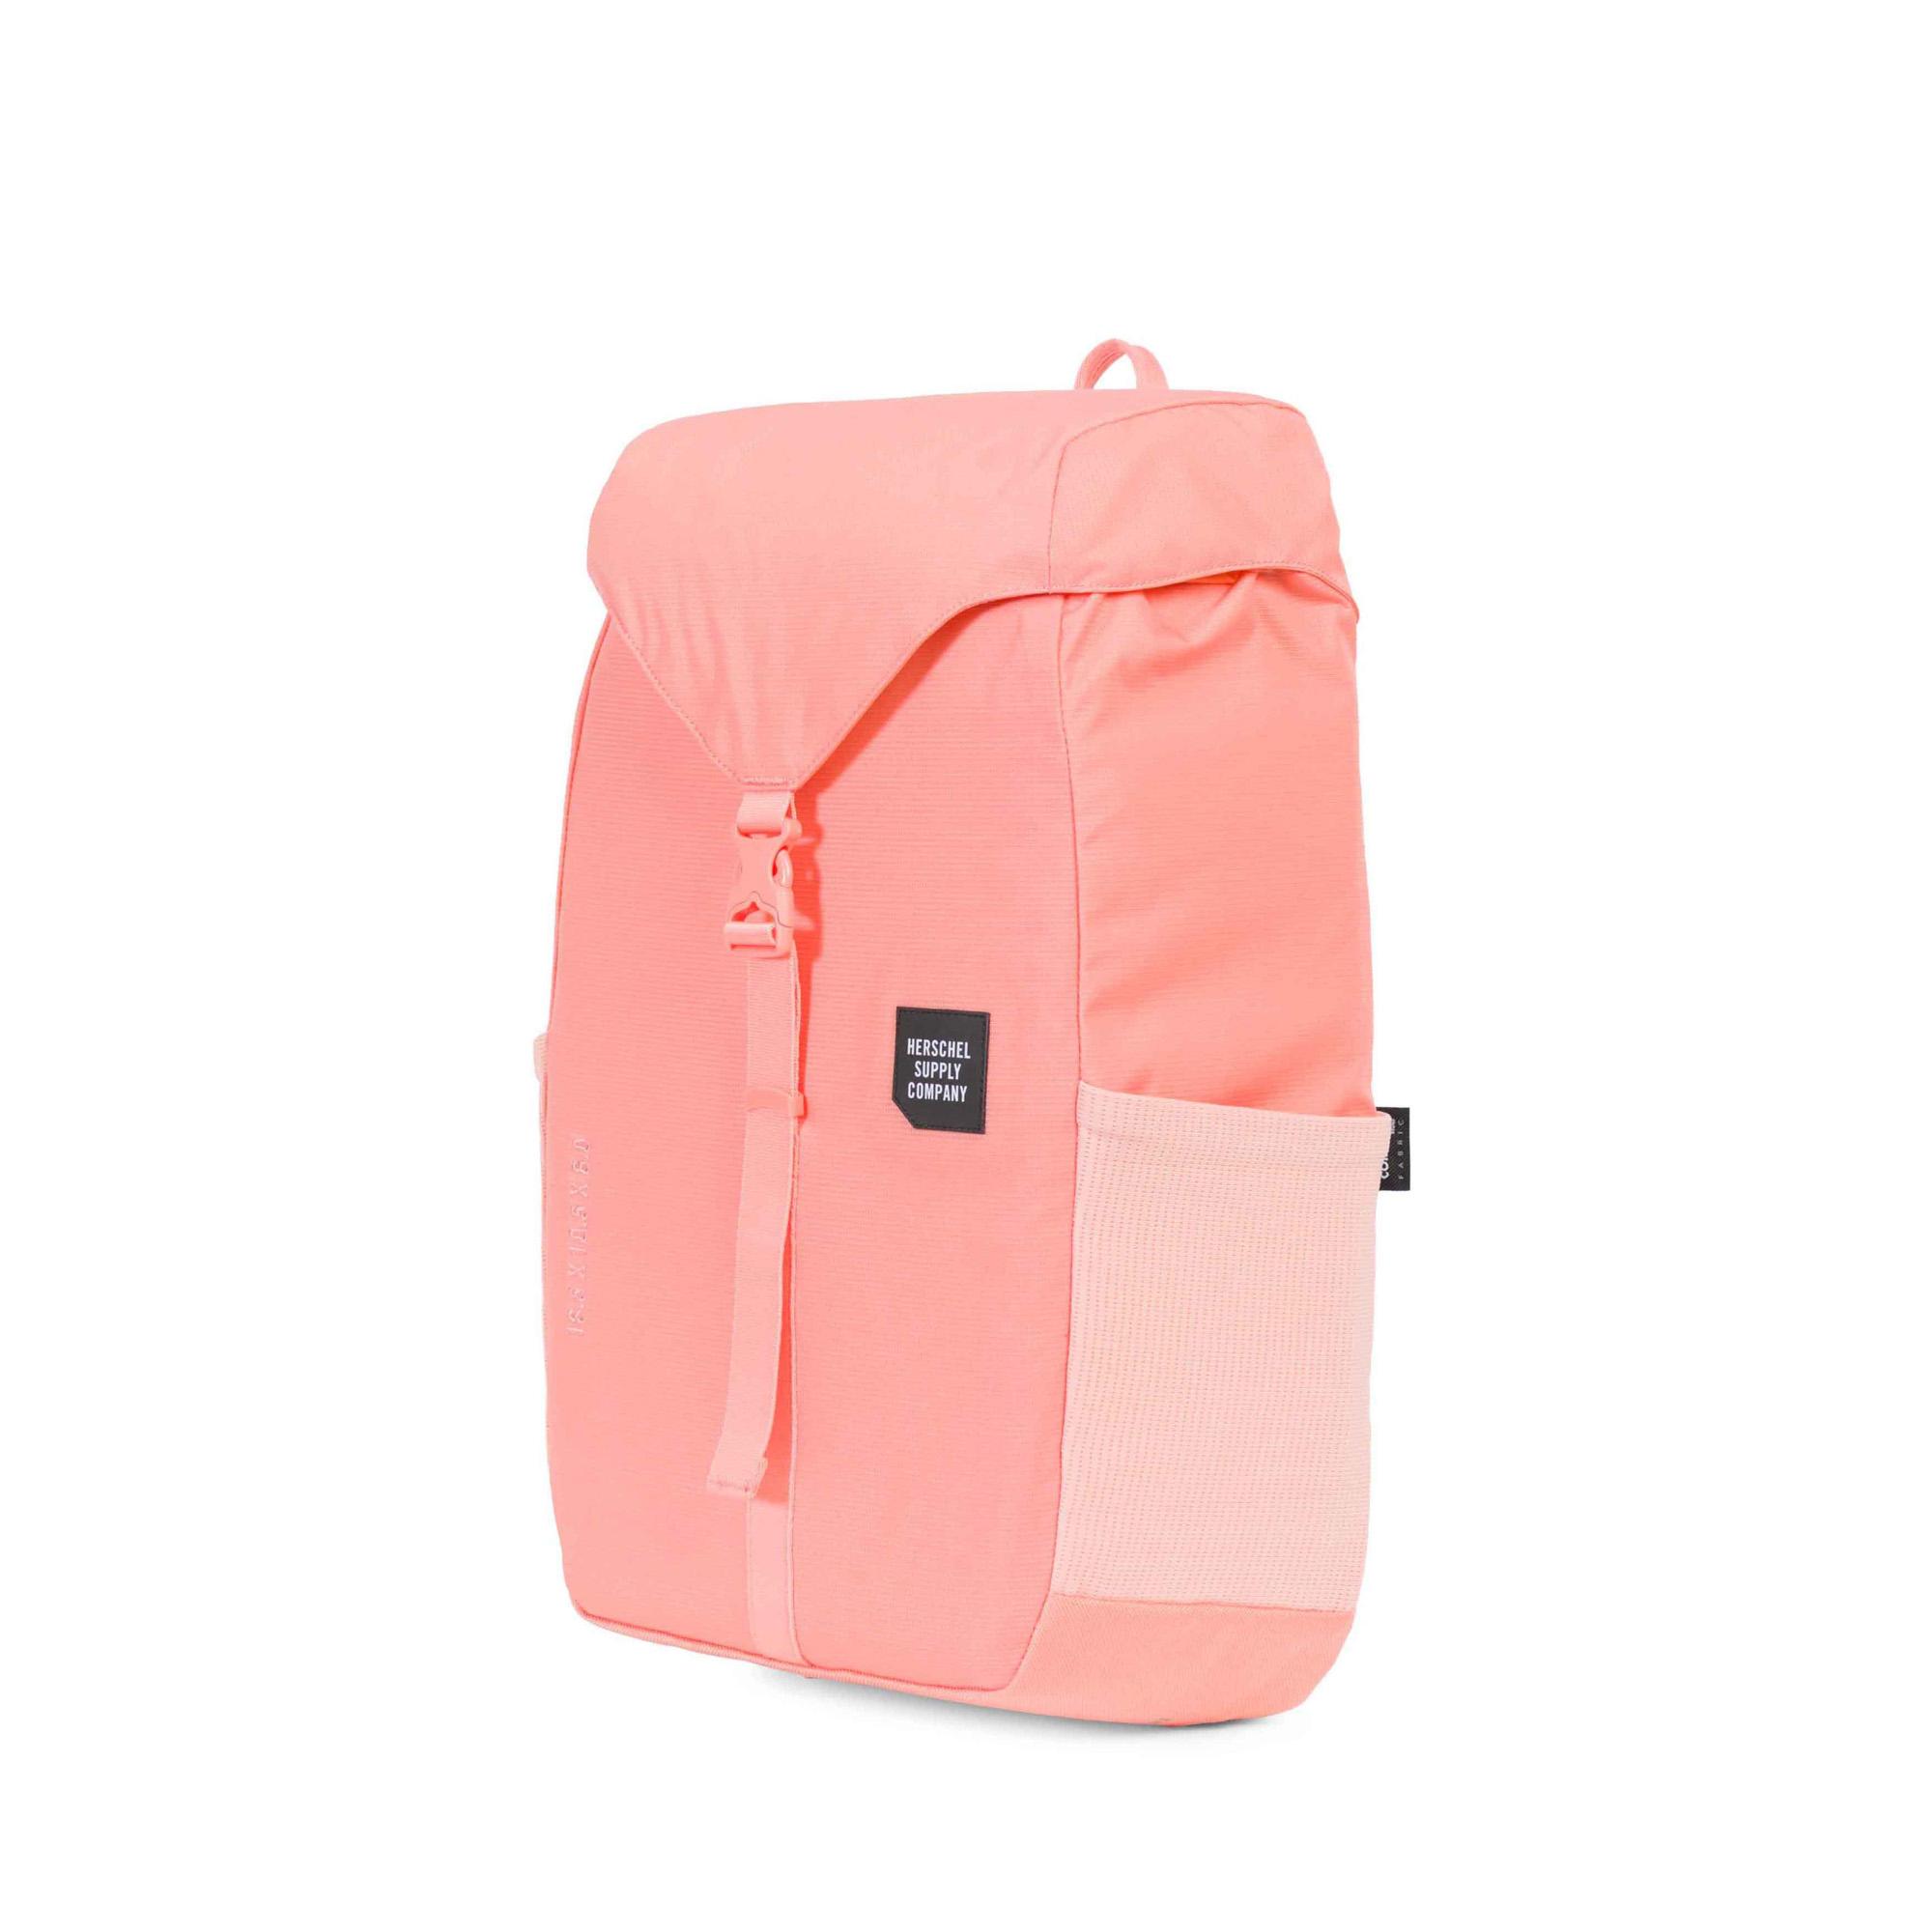 Barlow Backpack Medium  3991baec04910